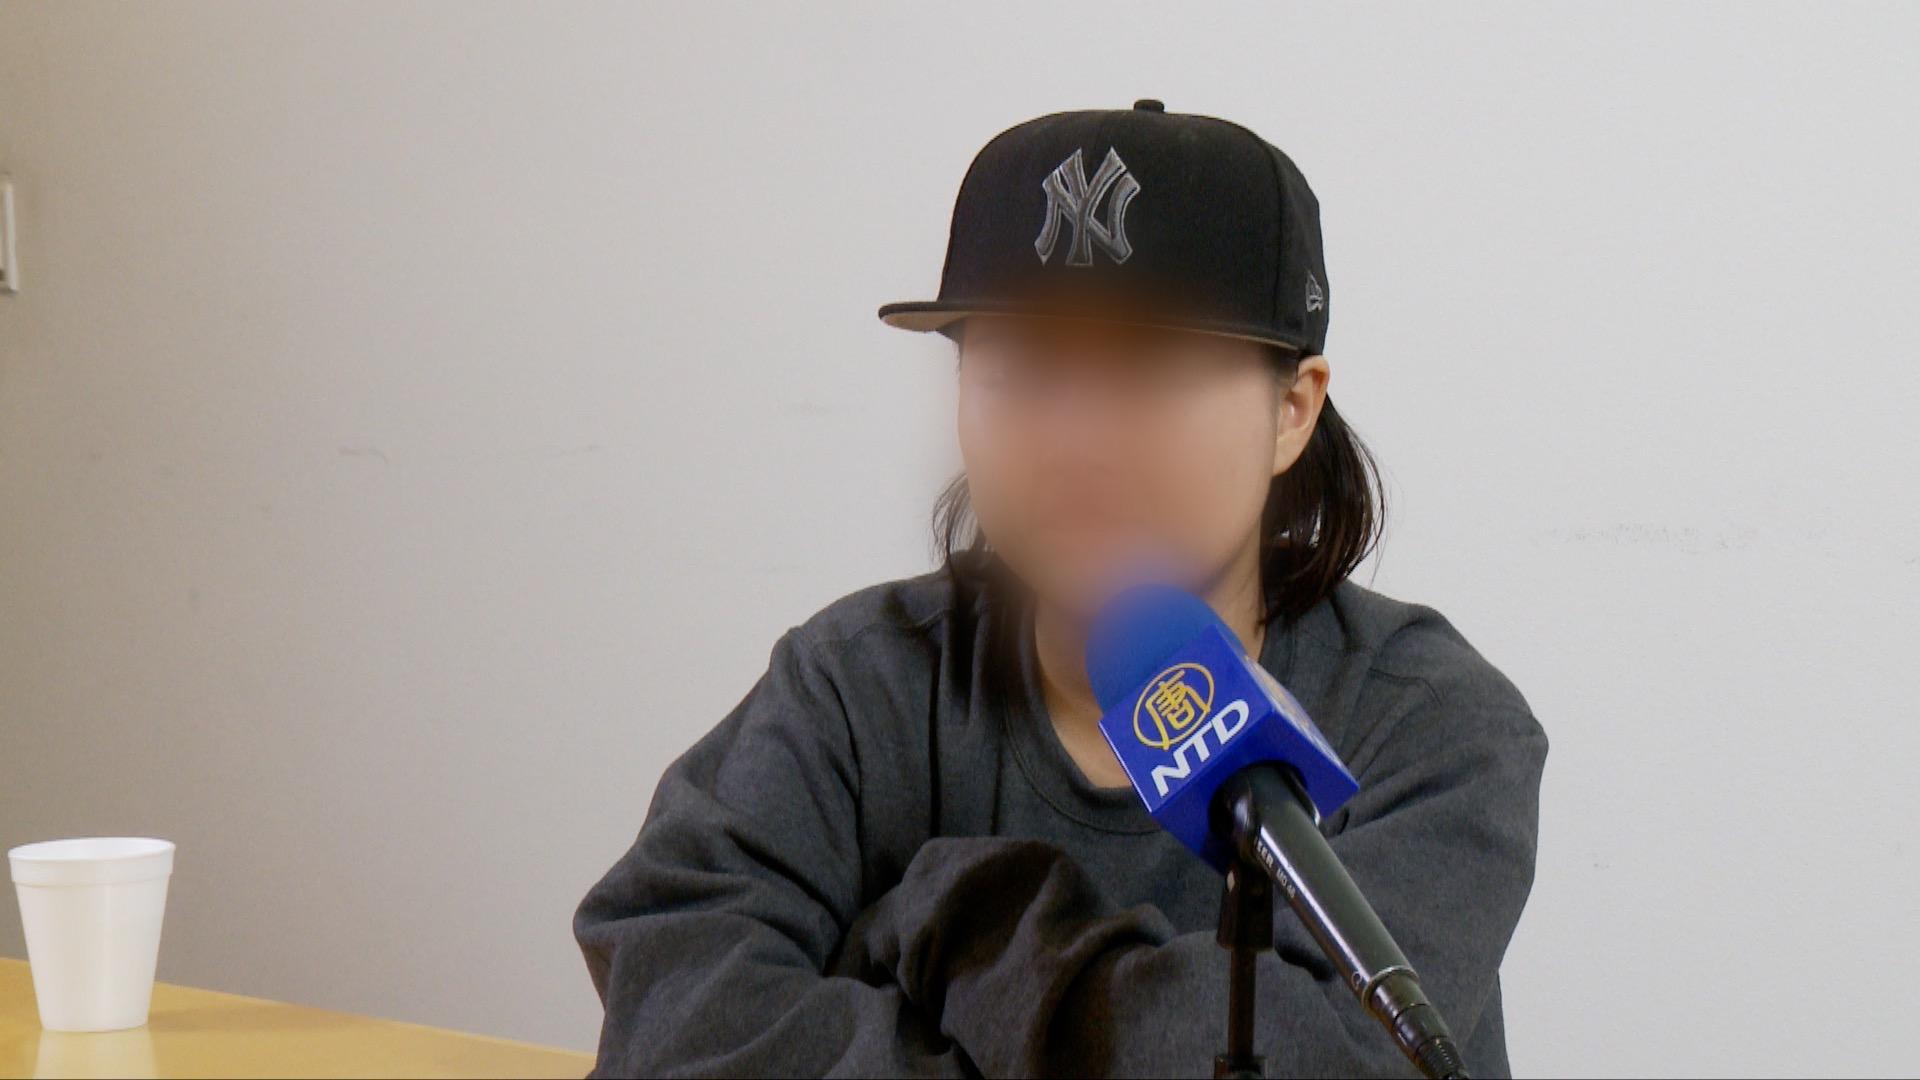 紅三代捲入性侵女留學生案?紅二代闢謠